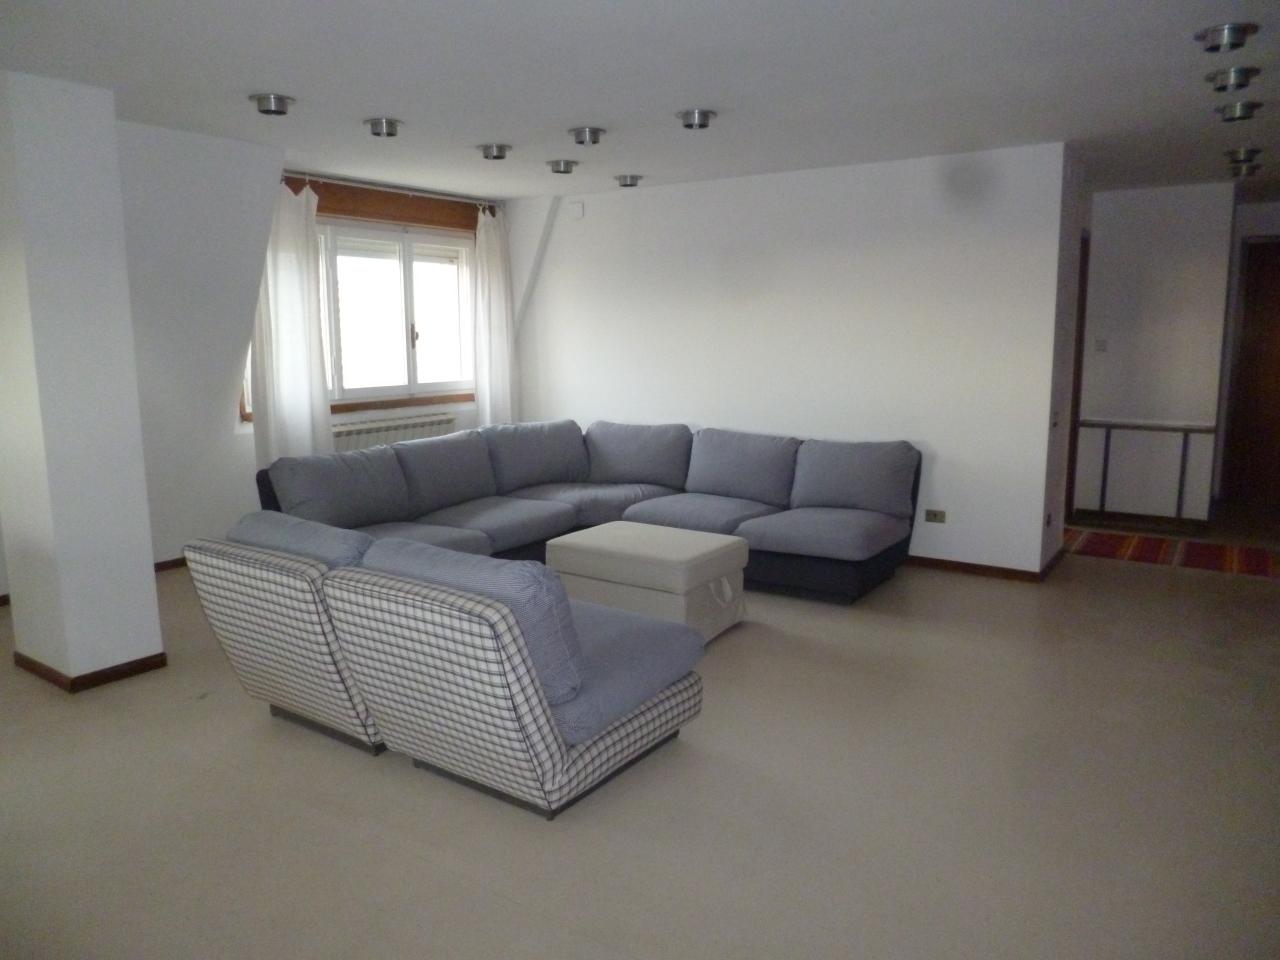 Attico / Mansarda in vendita a Livorno, 4 locali, prezzo € 290.000 | Cambio Casa.it